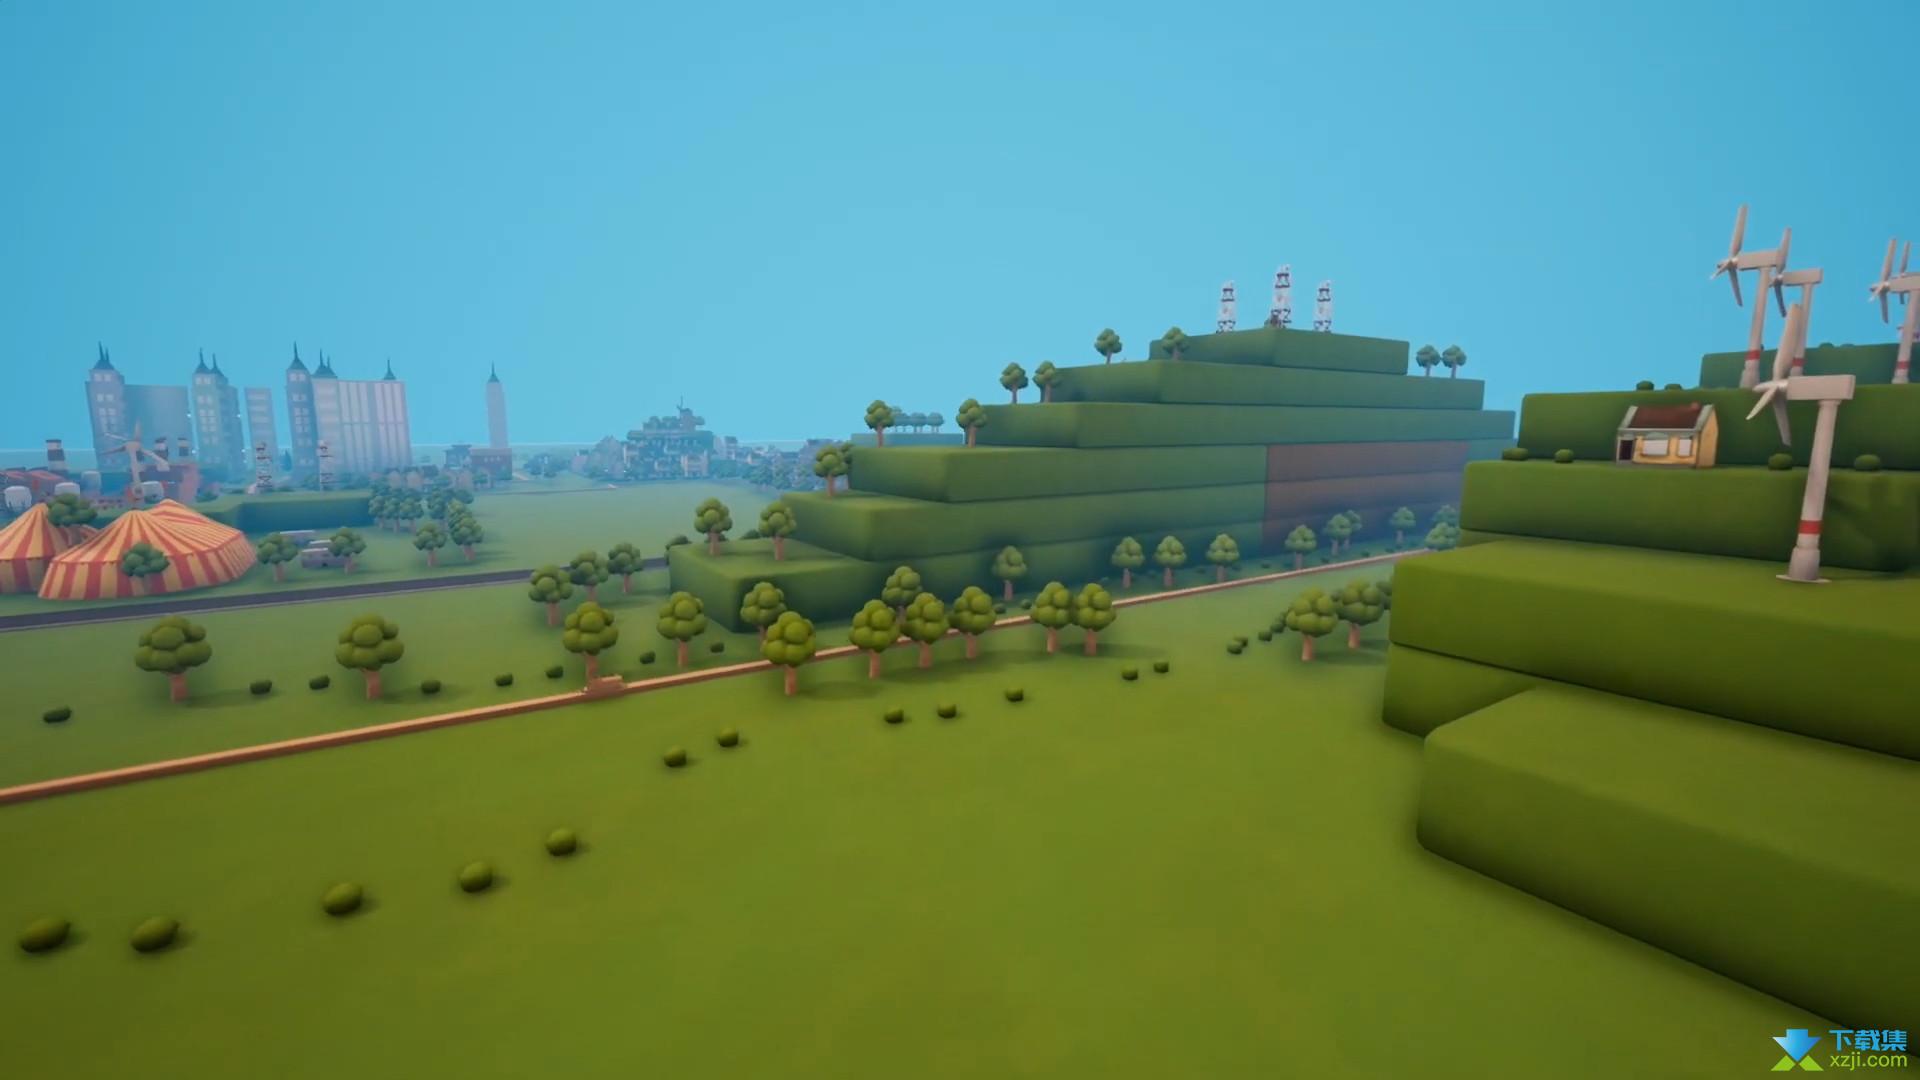 轨道模型游戏界面1